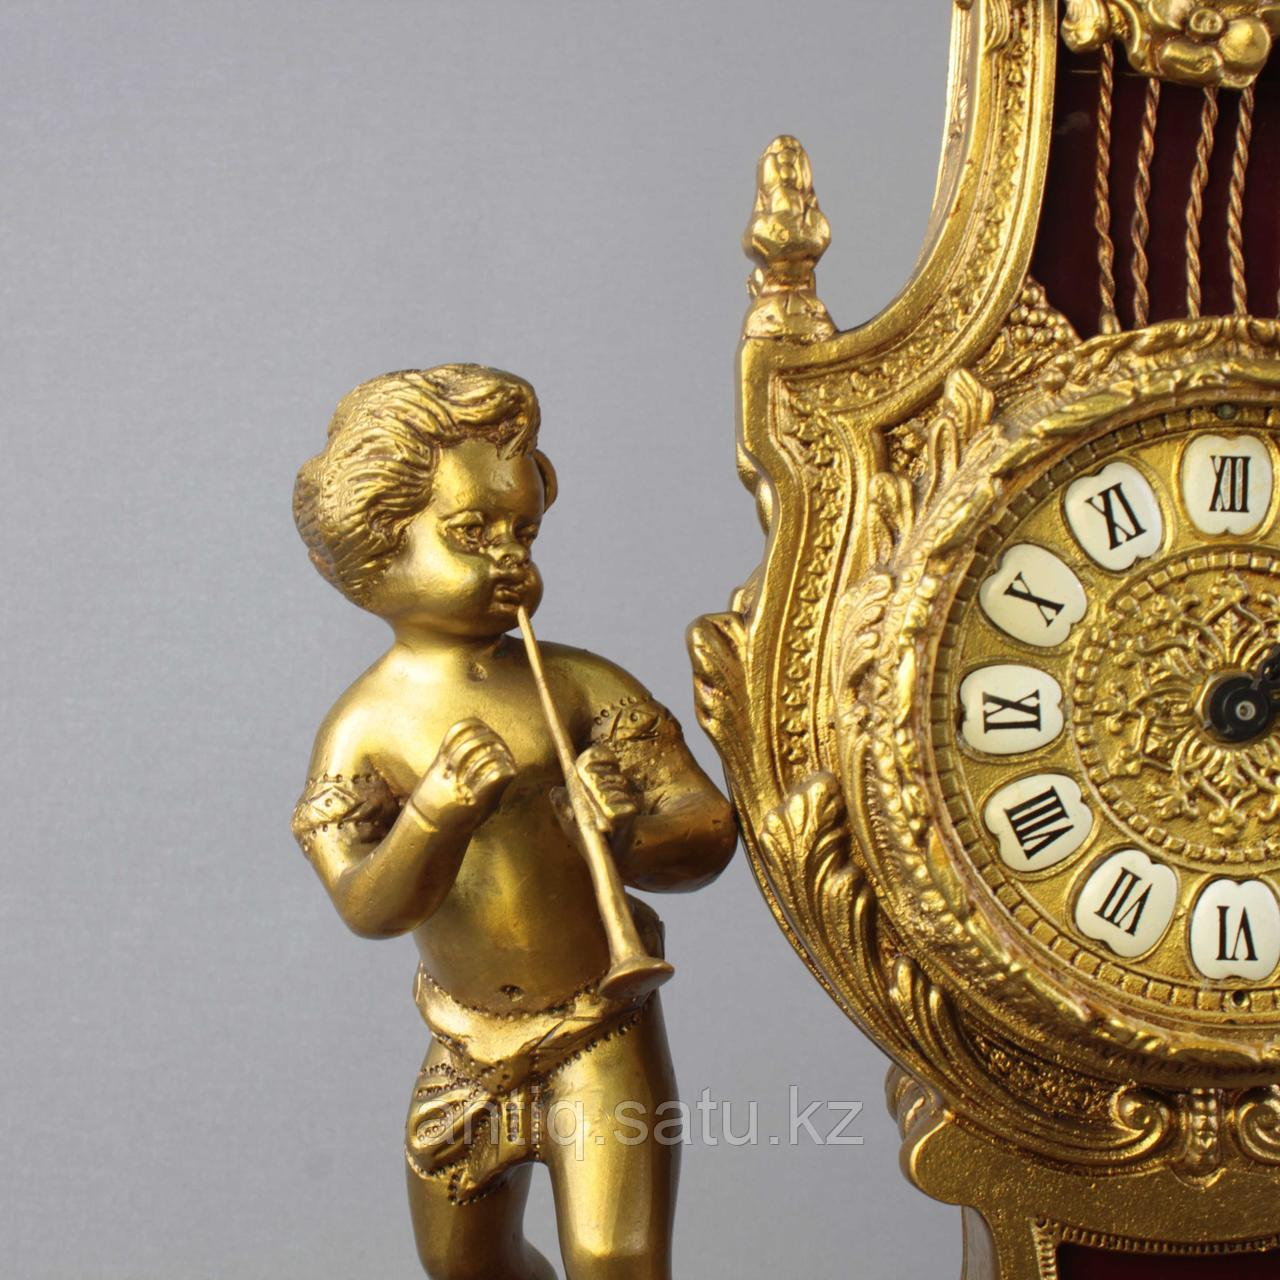 Дворцовые каминные часы. - фото 4